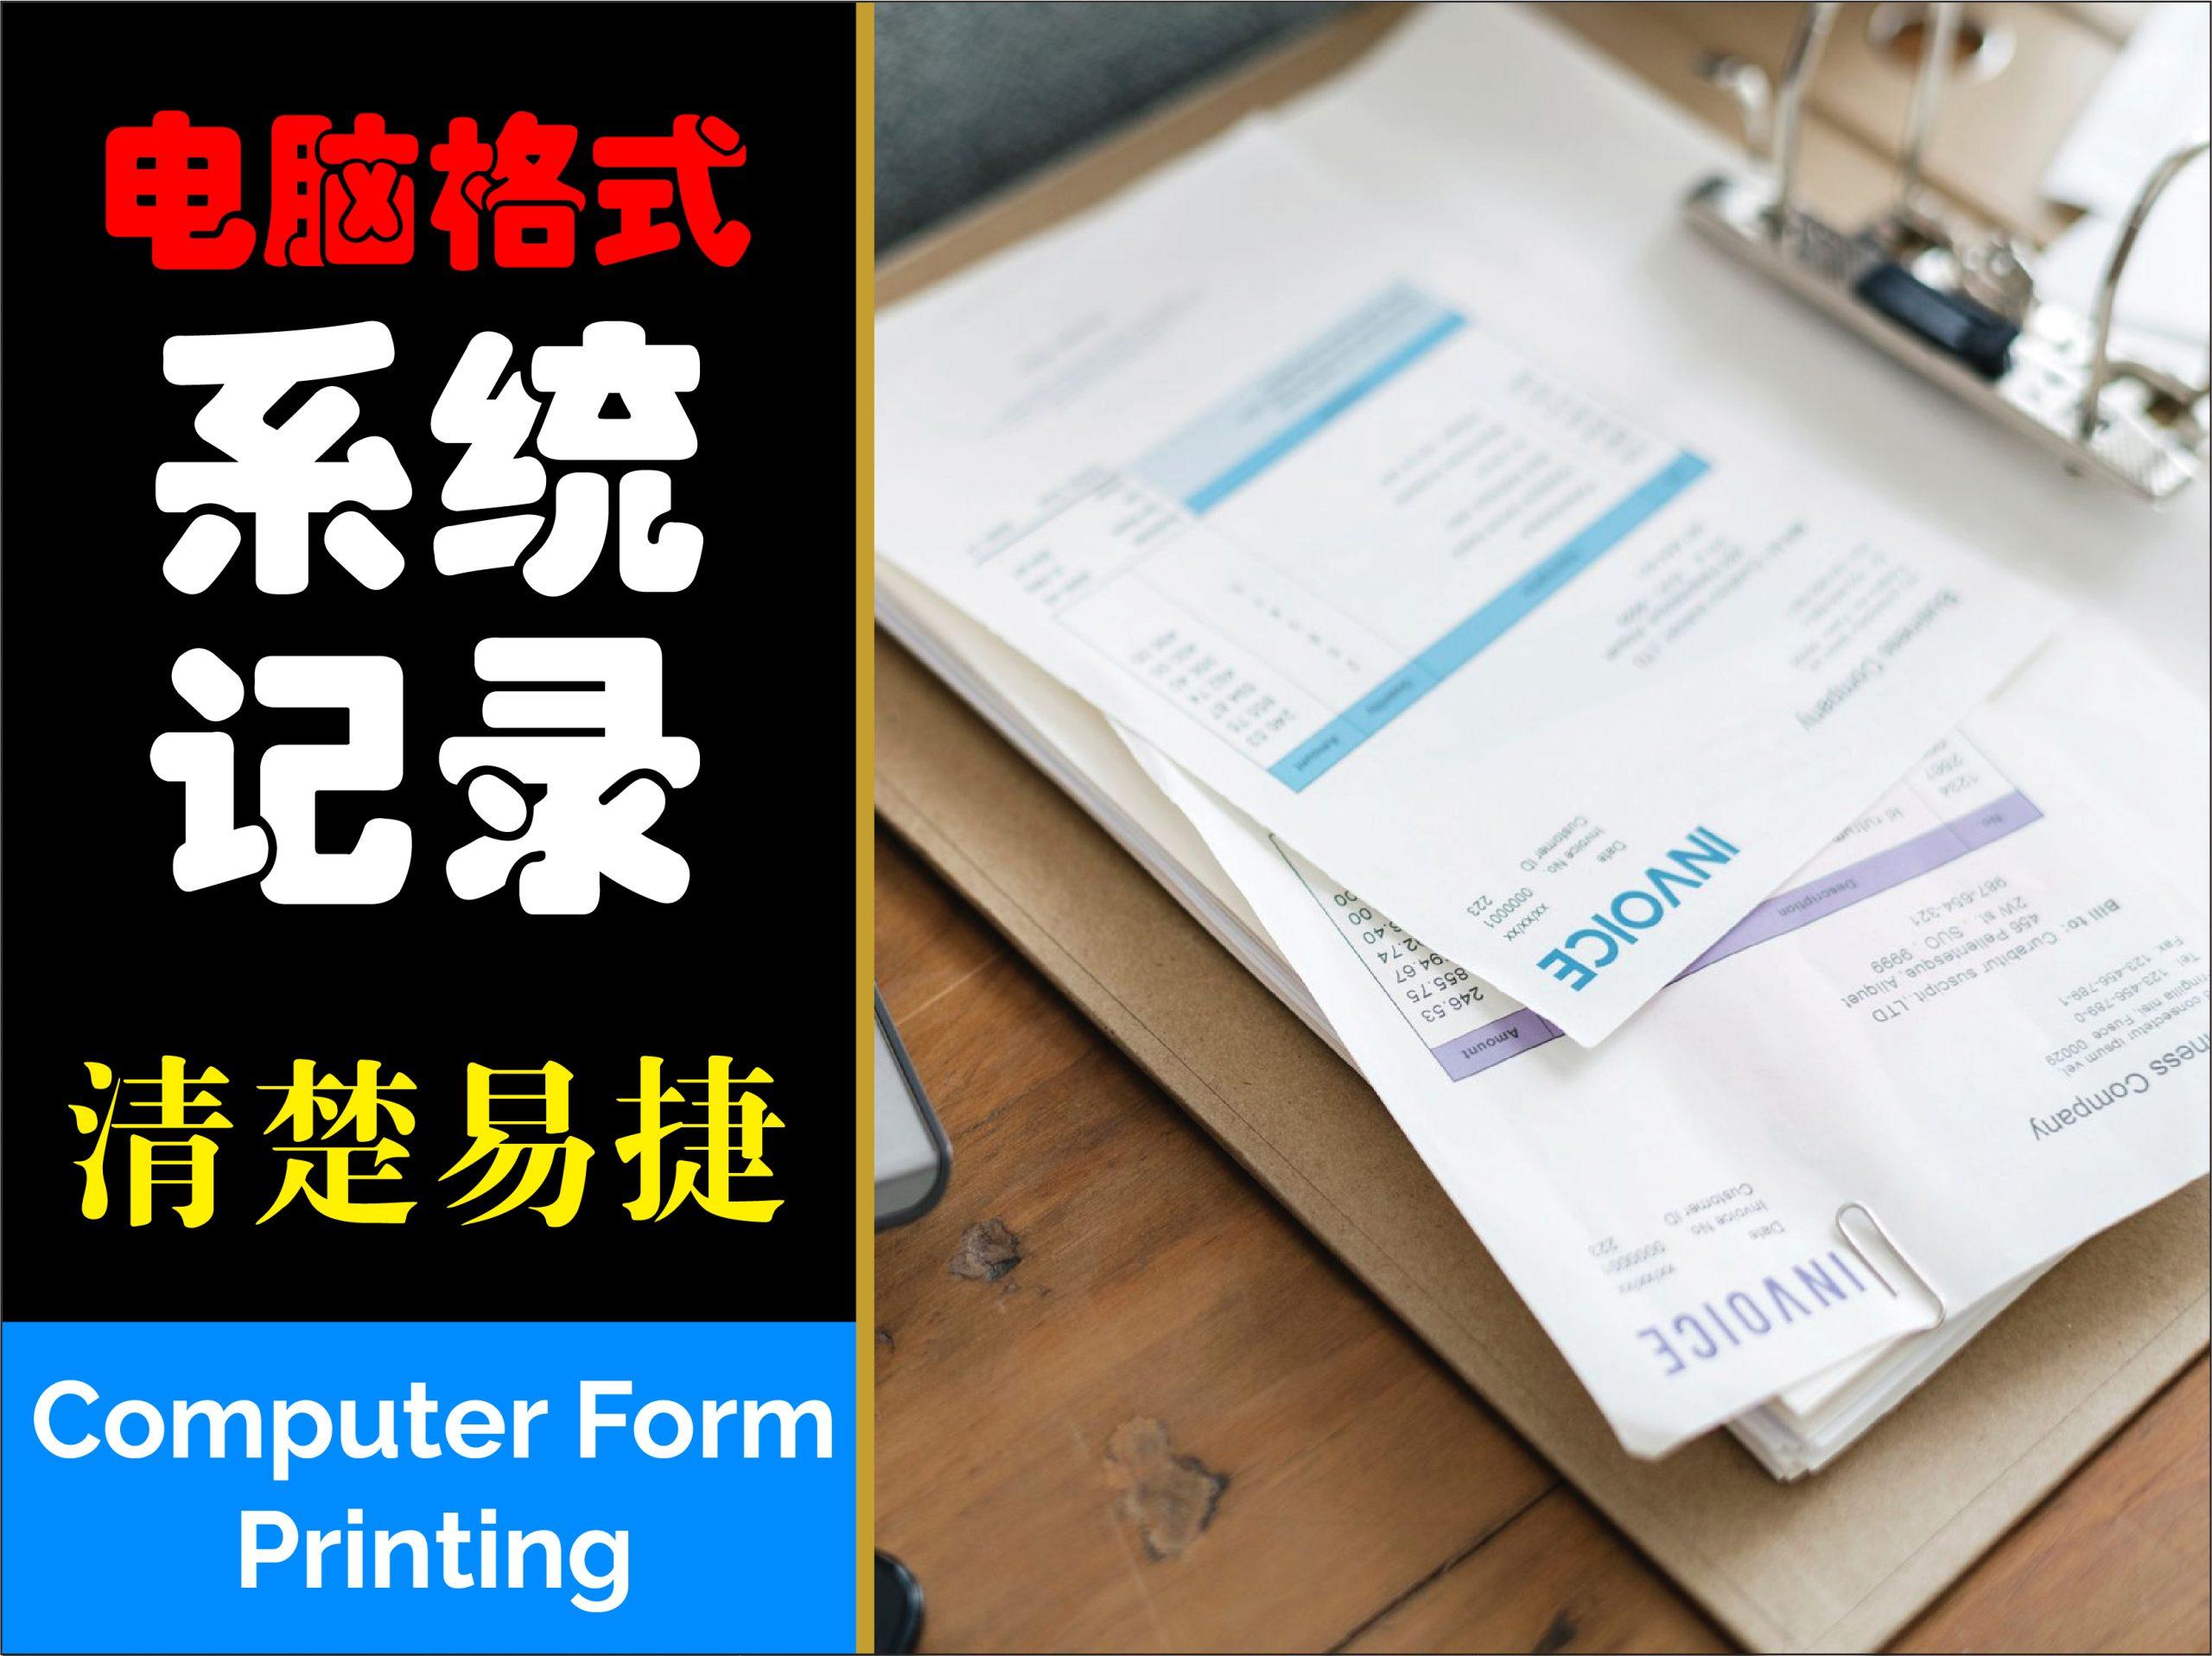 Print Computer Form